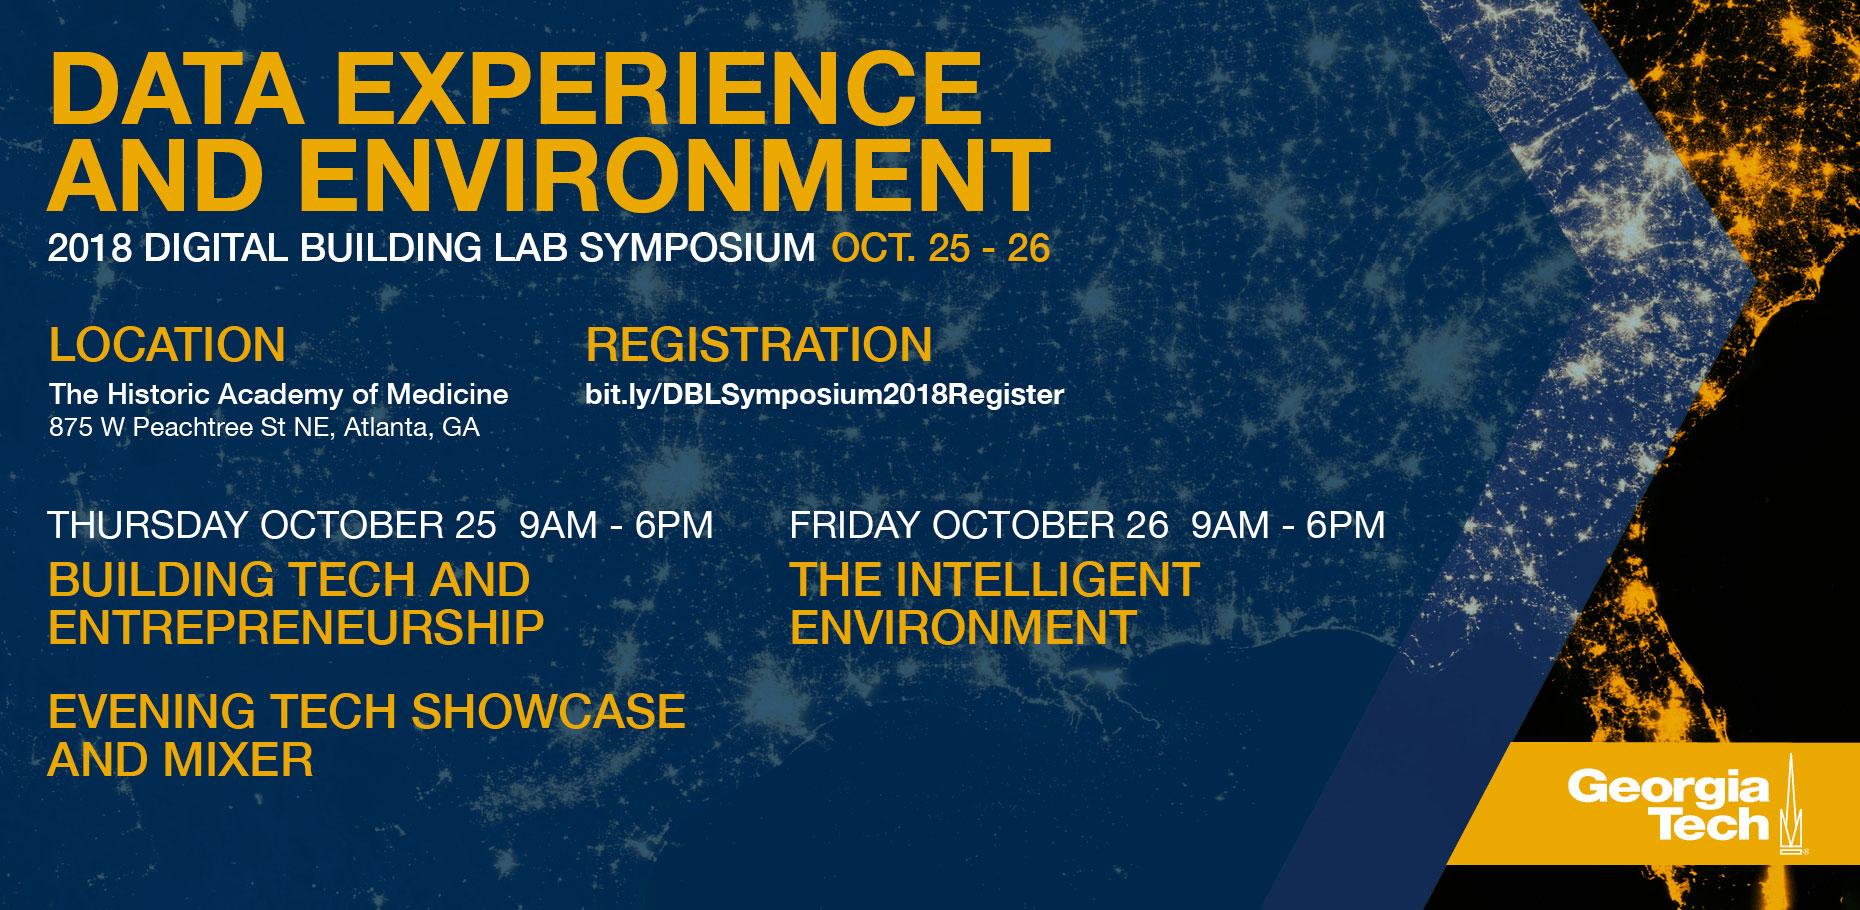 Digital Building Lab (DBL) Symposium 2018 at Georgia Tech